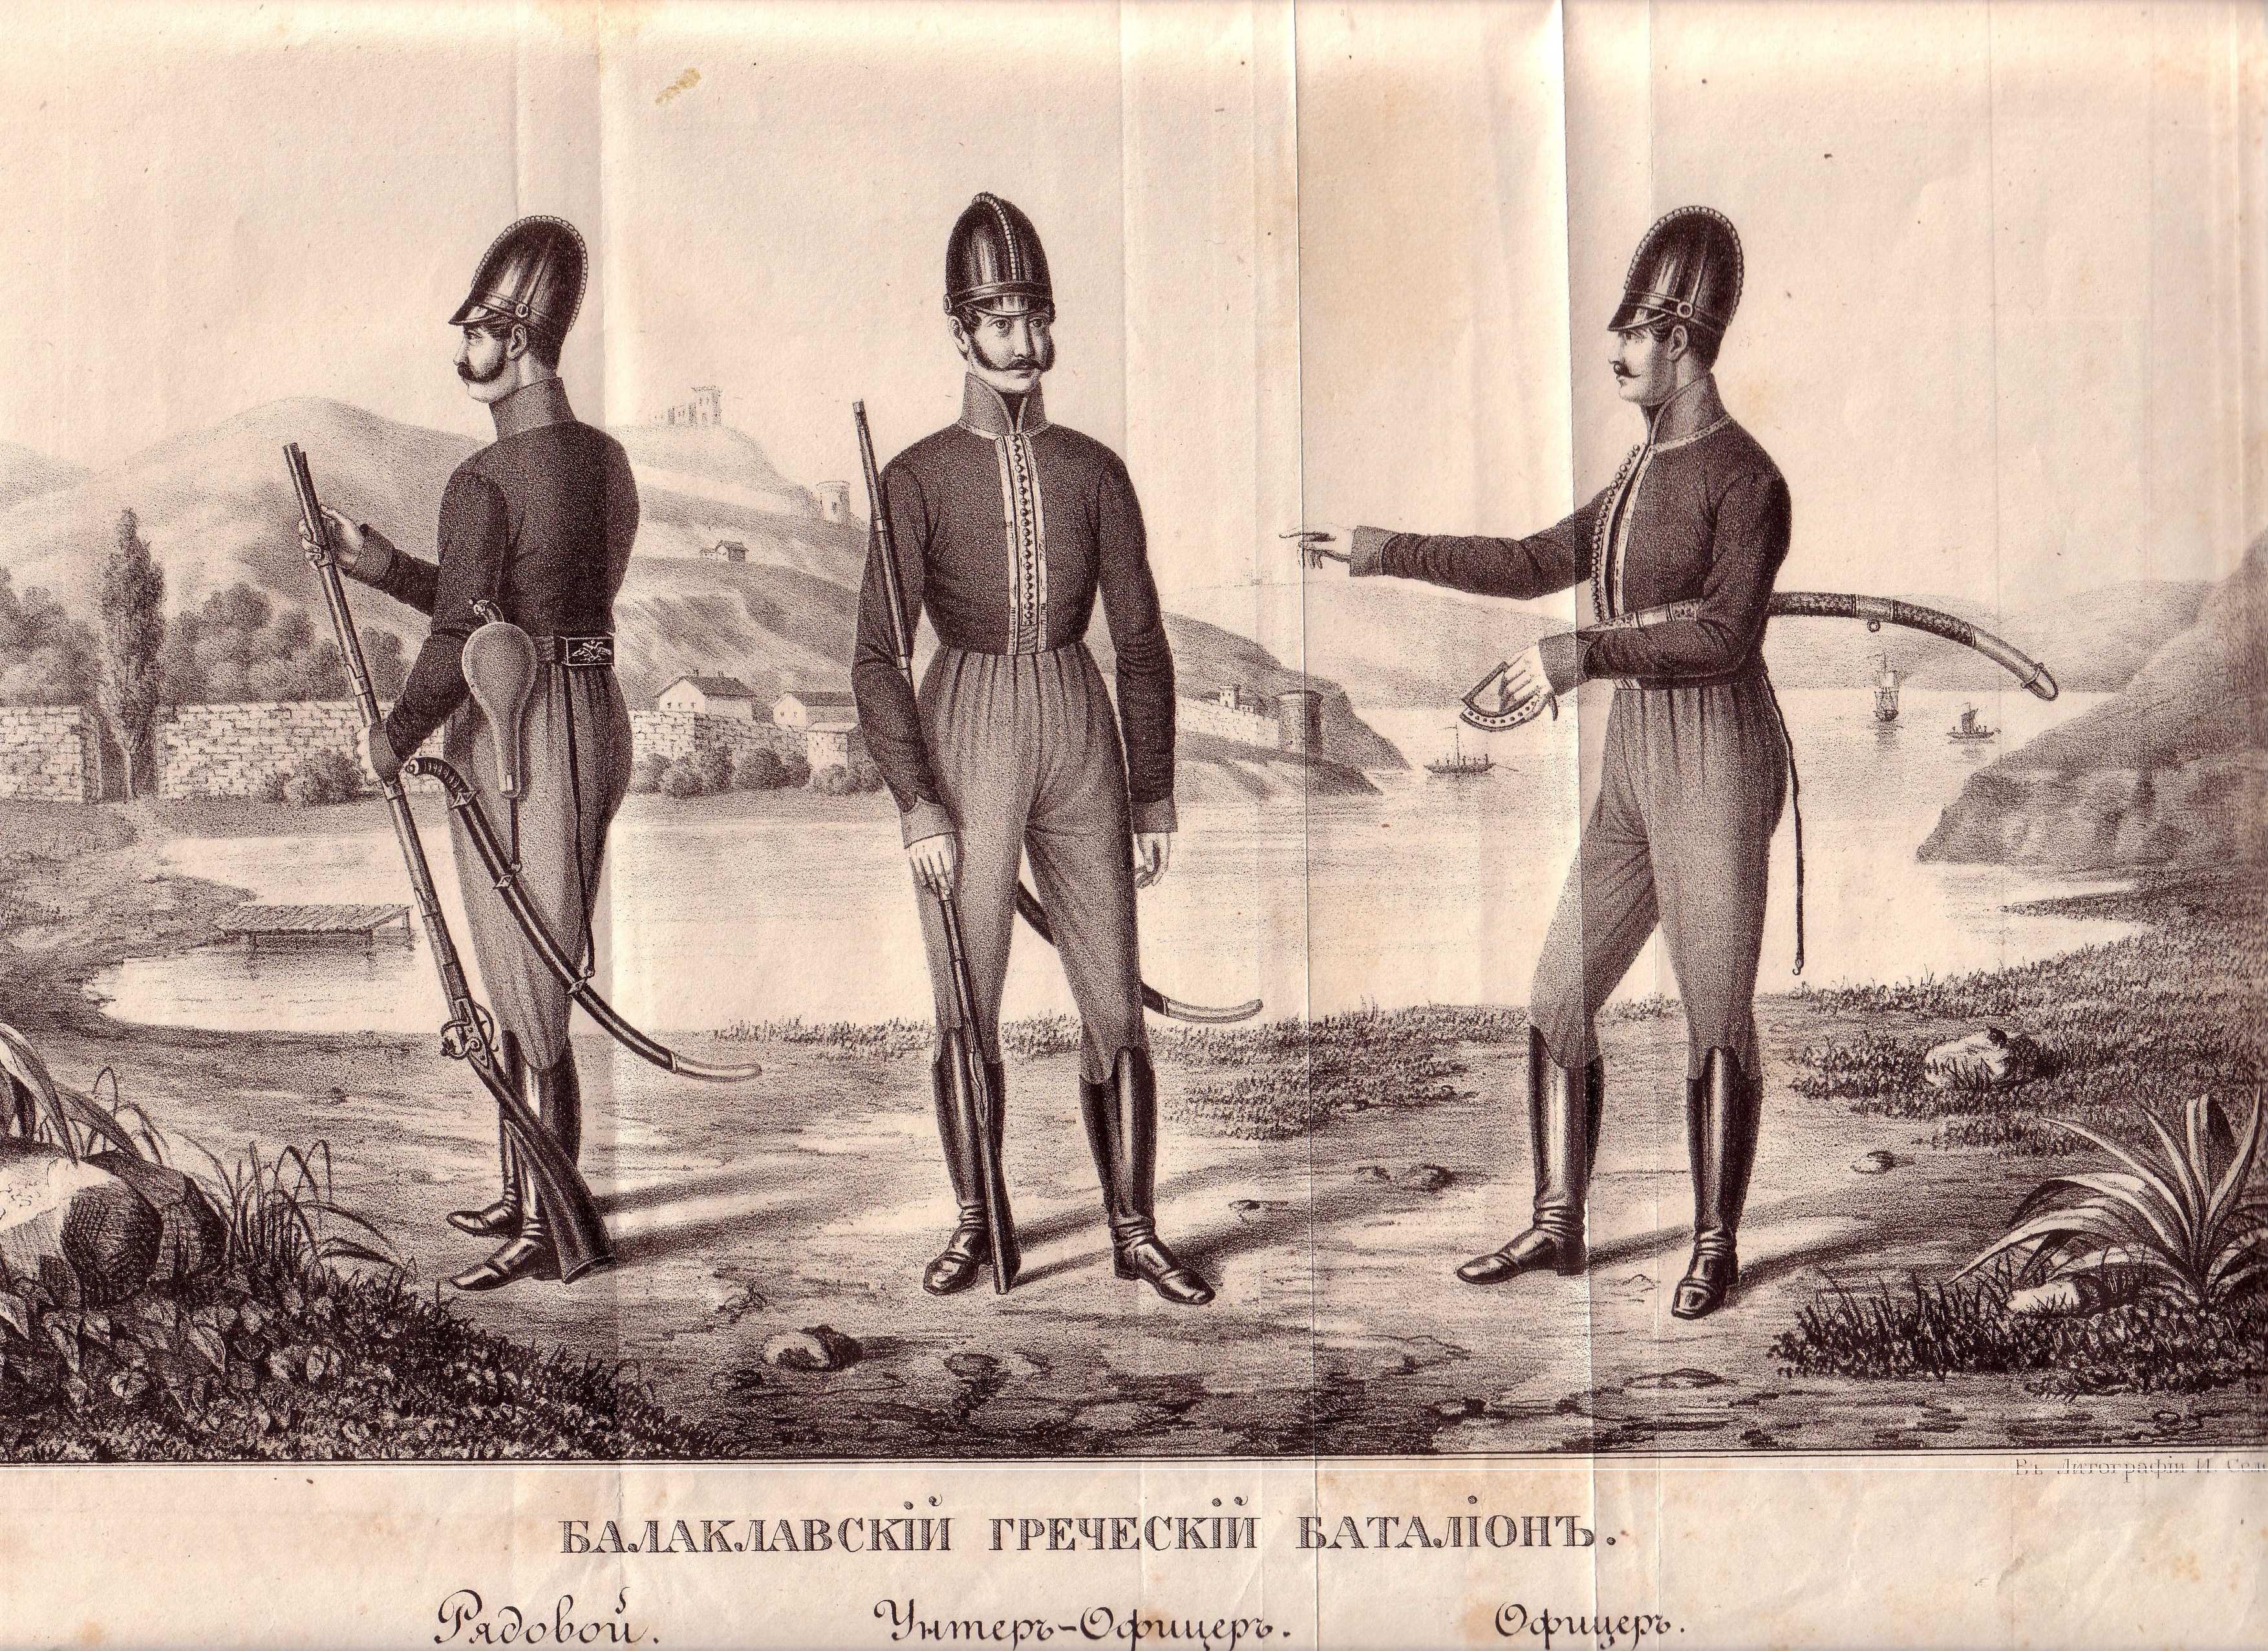 Χαρακτηριστικές στολές Αξιωματικού, Υπαξιωματικού και στρατιώτη του Ελληνικού Τάγματος της Μπαλακλάβα.